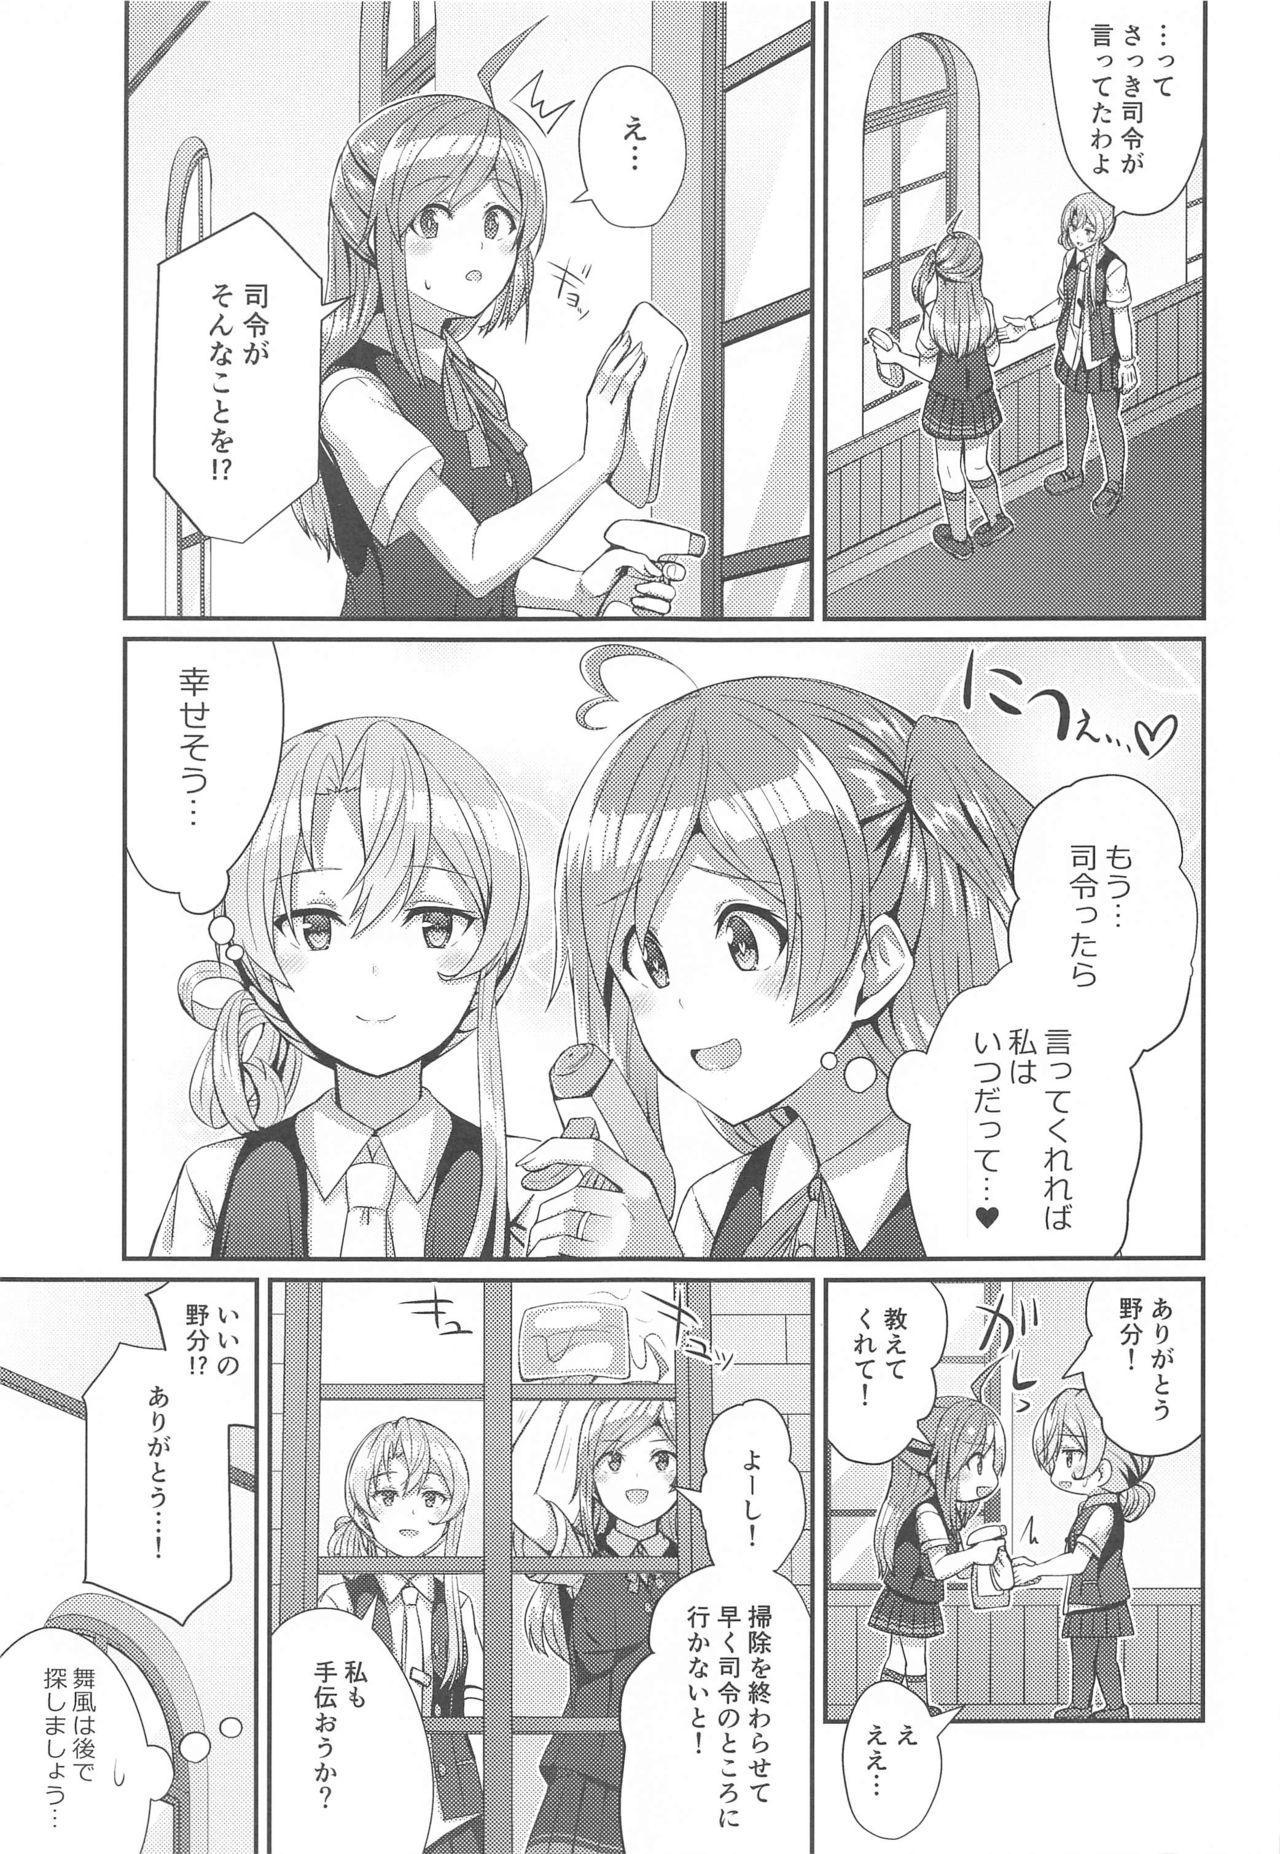 Yukata no Hagikaze wa Suki desu ka? 3